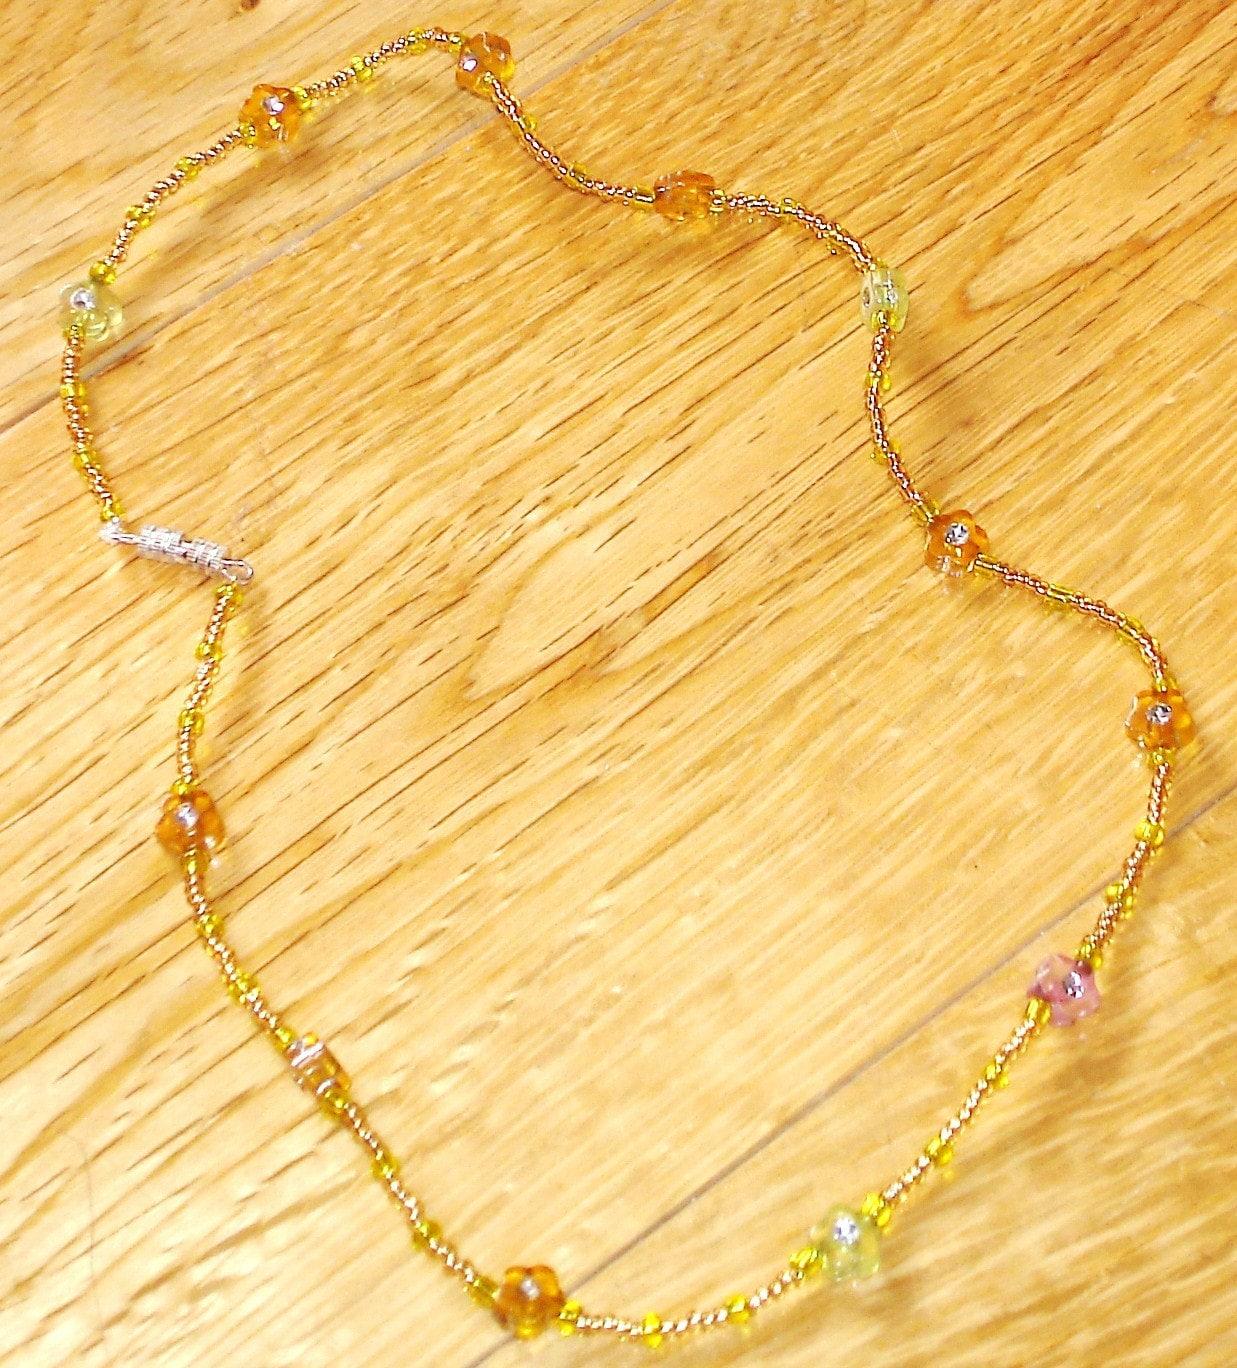 Grecian Sunshine yellow daisy beaded necklace